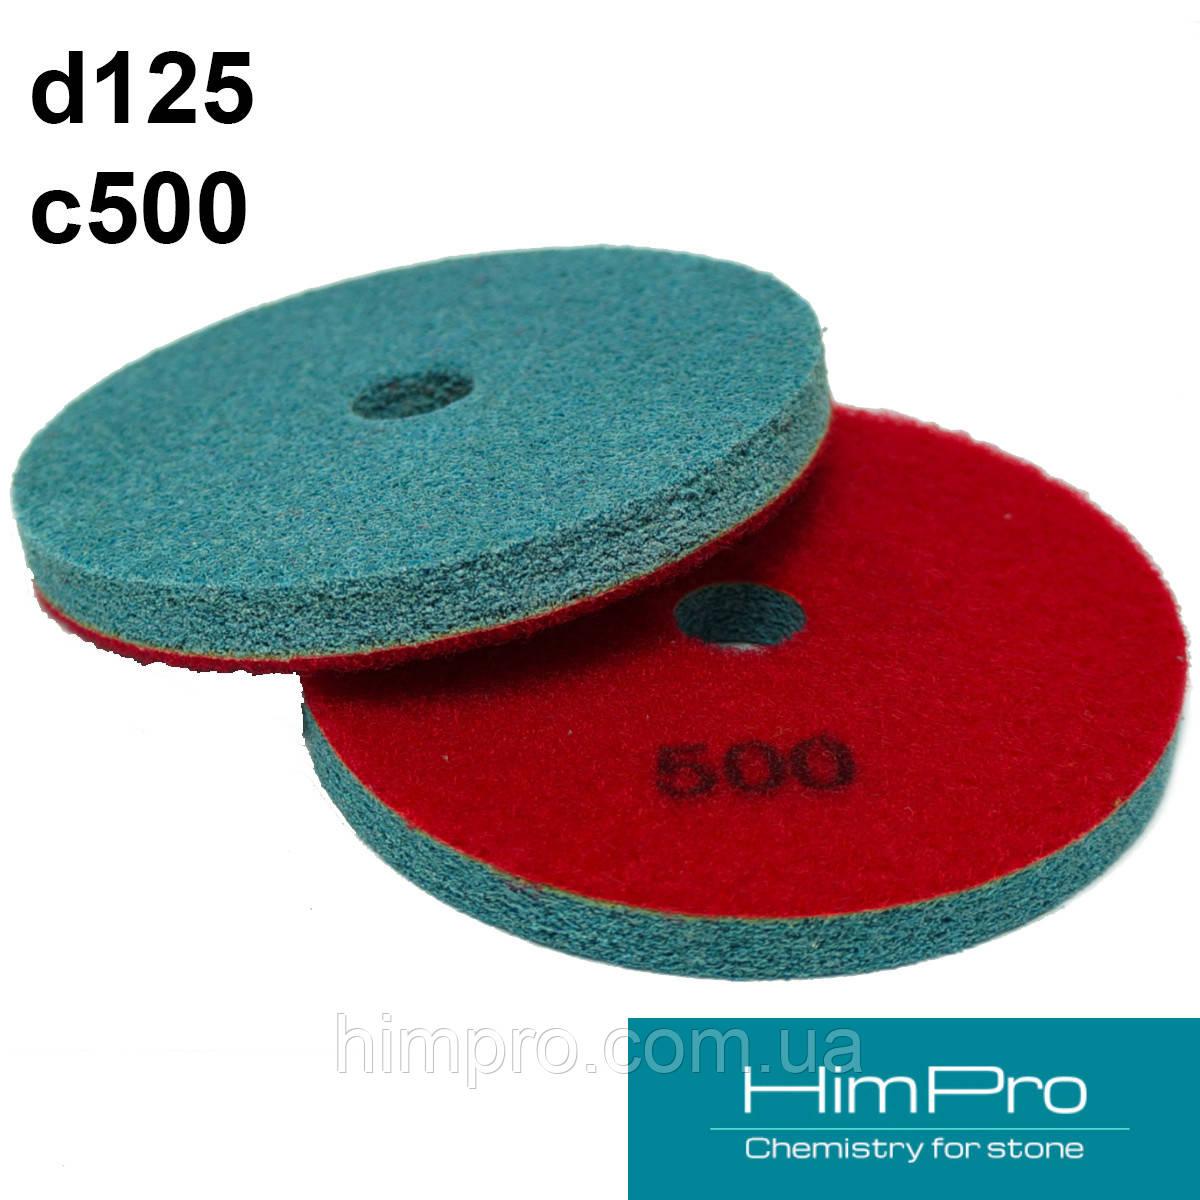 Алмазные спонжи d125 C500